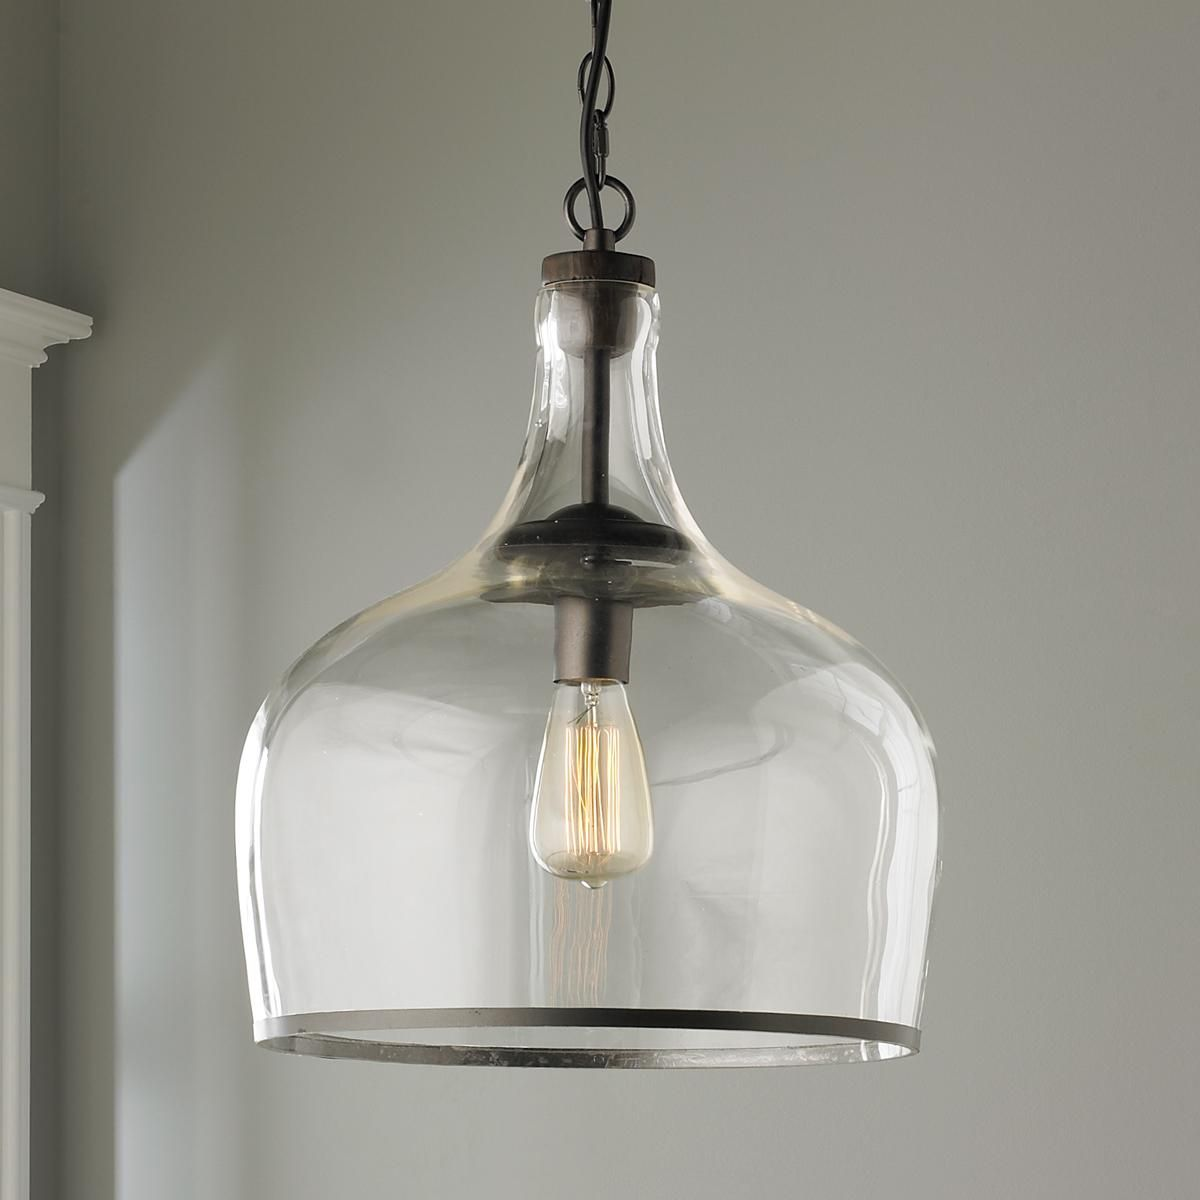 Reproduction Glass Cloche Pendant Glass Pendant Light Cottage